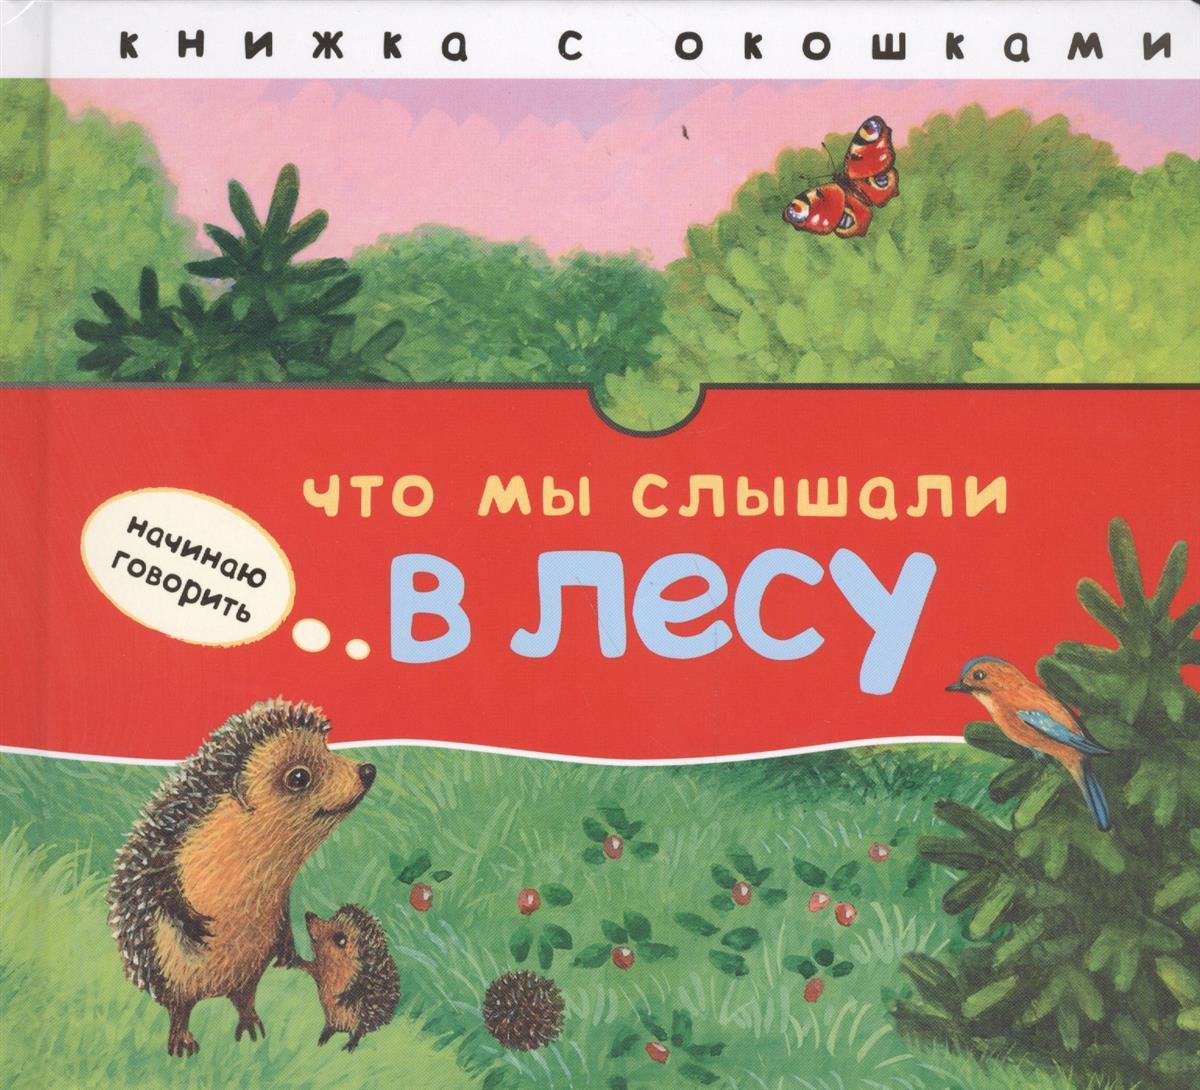 Бурмистрова Л. Что мы слышали в лесу. Книжка с окошками бурмистрова л что мы слышали в лесу книжка с окошками